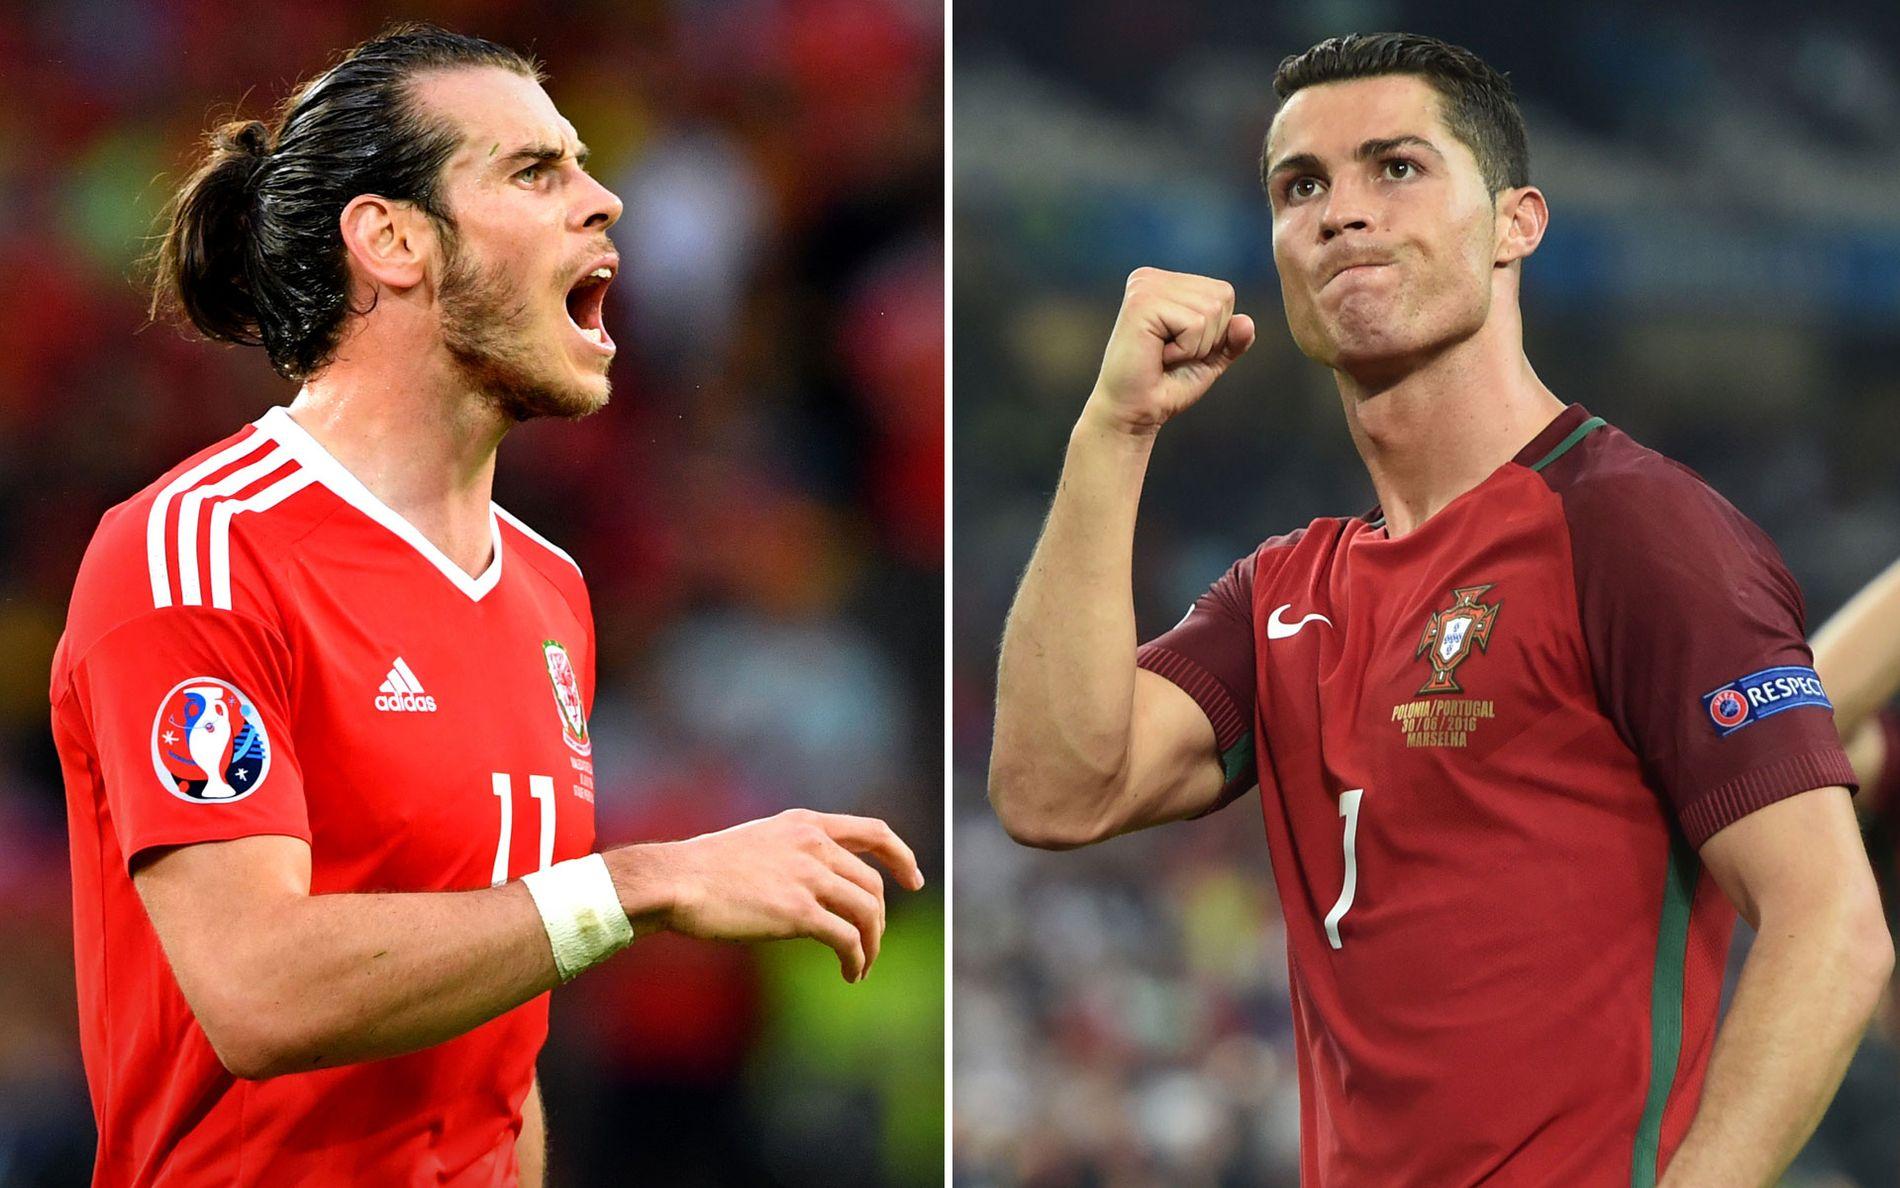 KLUBBKAMERATER: Gareth Bale (t.v.) og Cristiano Ronaldo (t.h.) er til daglig lagkamerater i spanske Real Madrid. Onsdag møtes de til dyst som rivaler for henholdsvis Wales og Portugal.